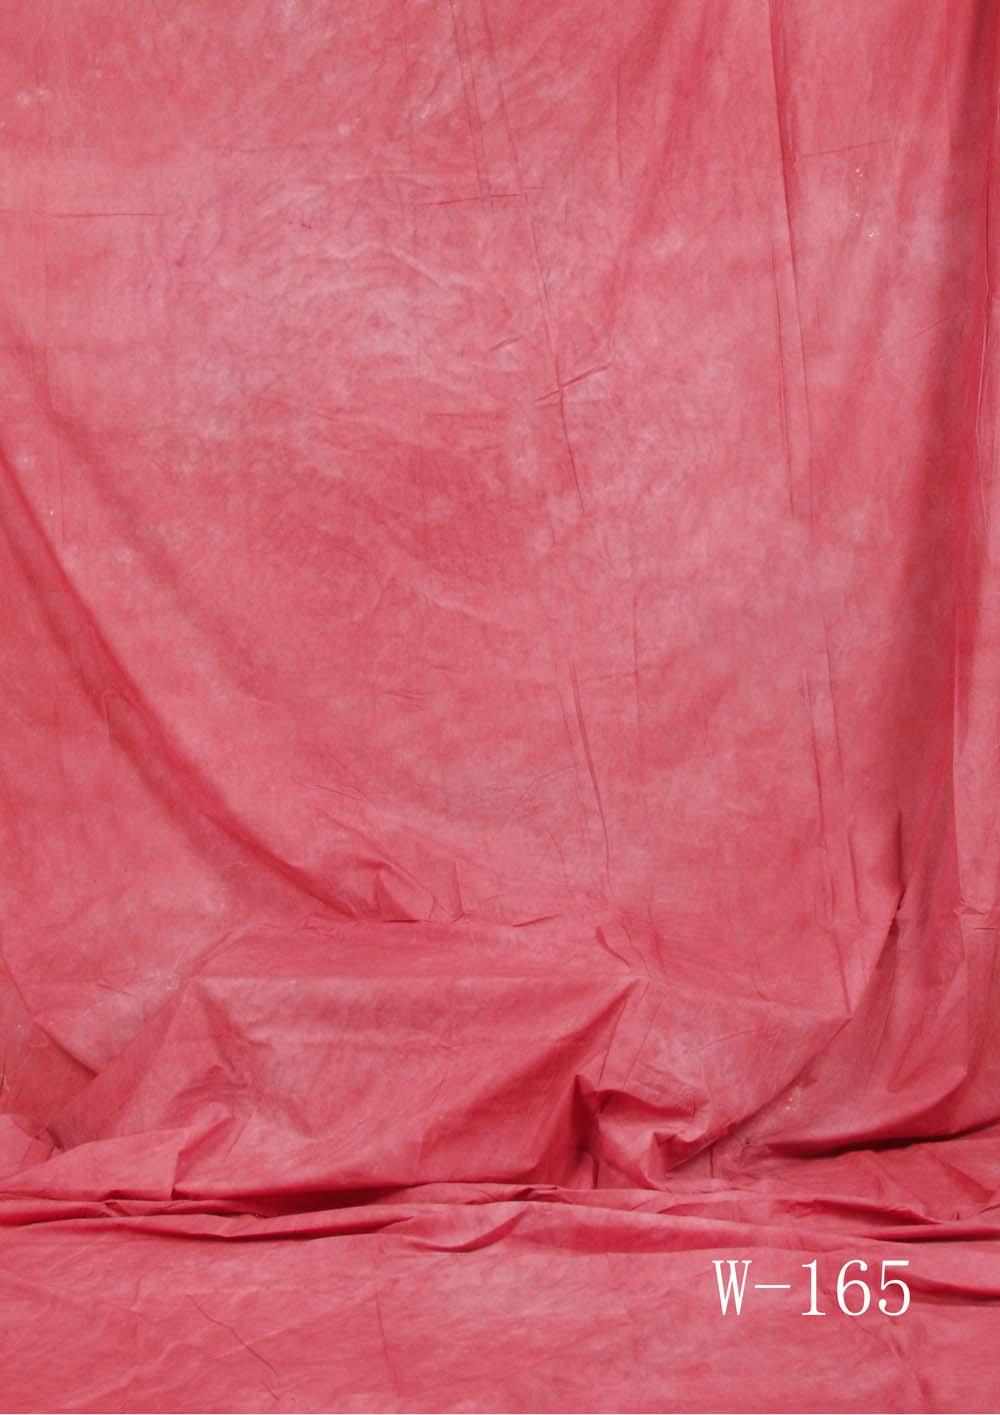 Fotostudio Hintergrund  strukturiert himbeerfarben Batik